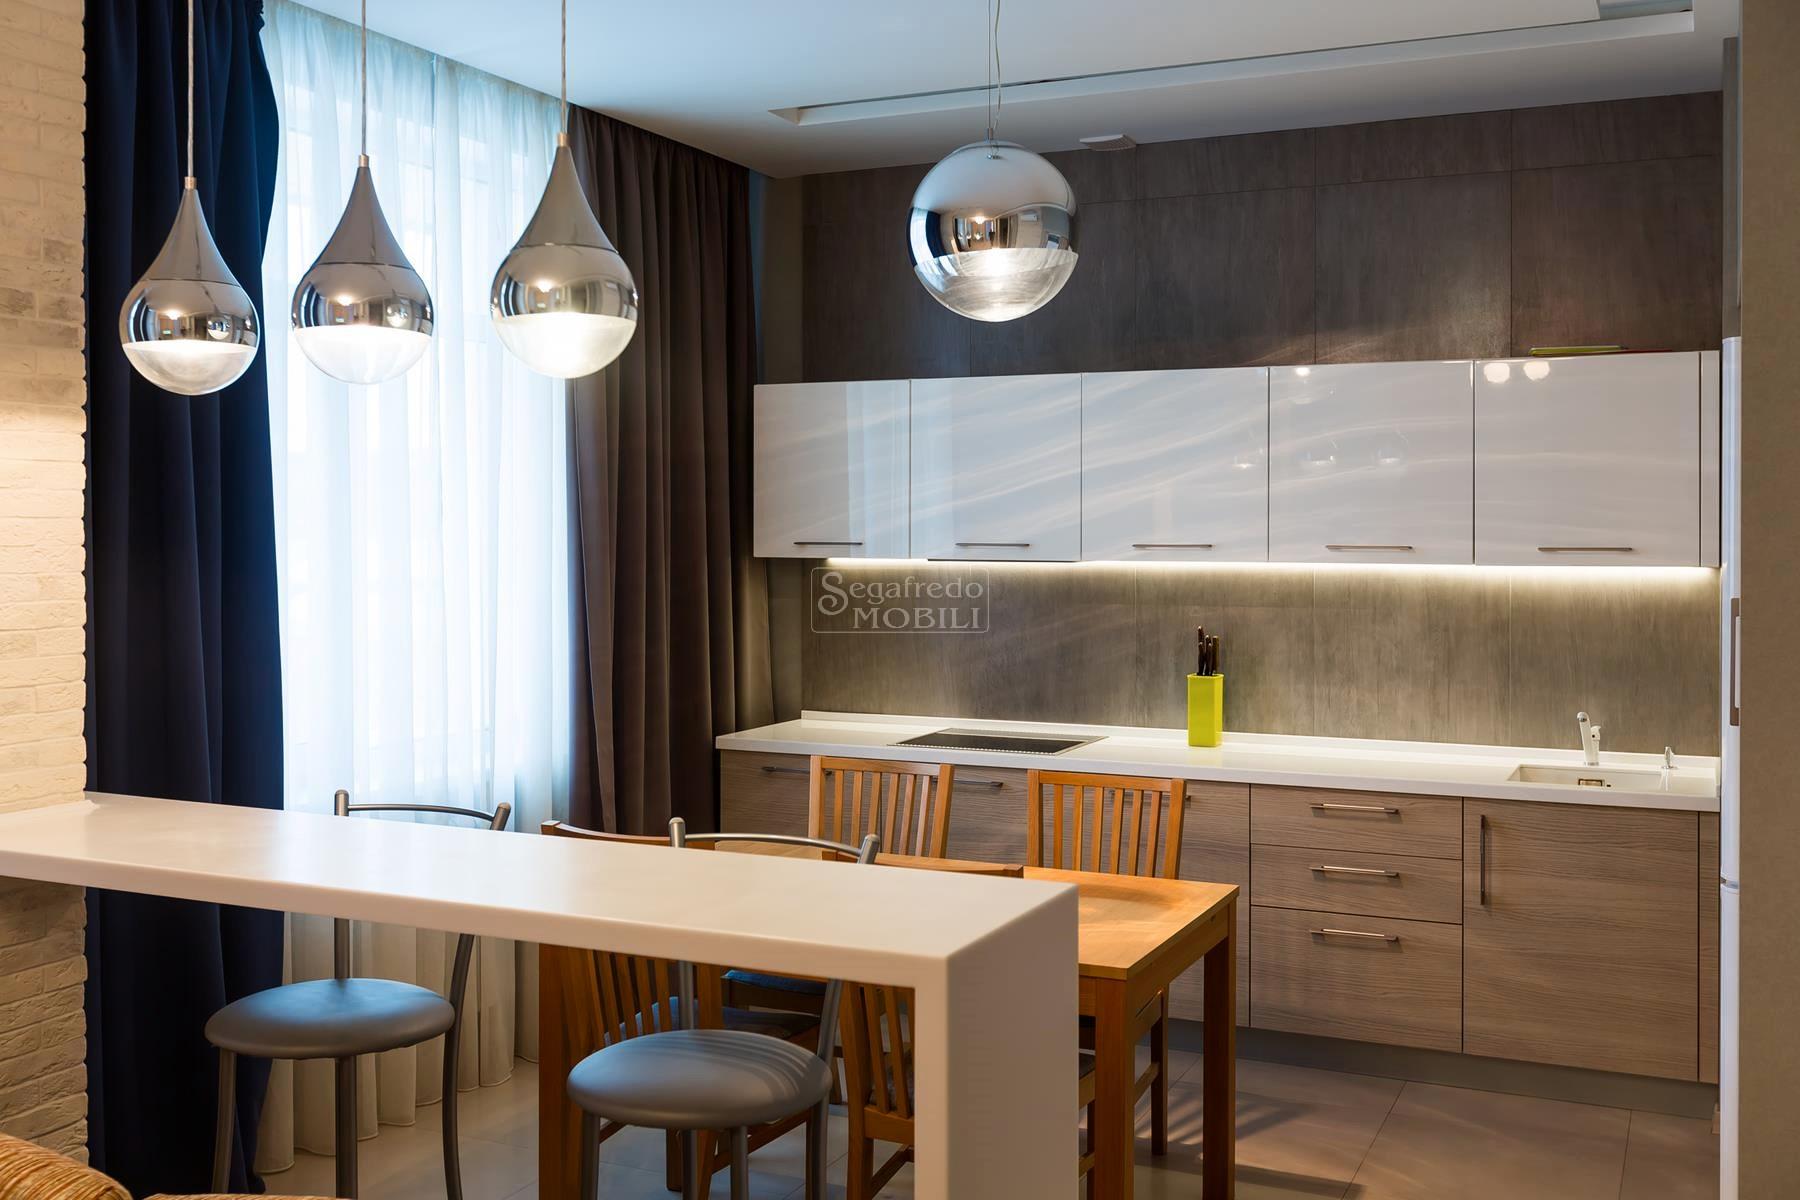 Pulizia Mobili Cucina Legno : Cucina finitura rovere e laccato lucido mobilificio segafredo